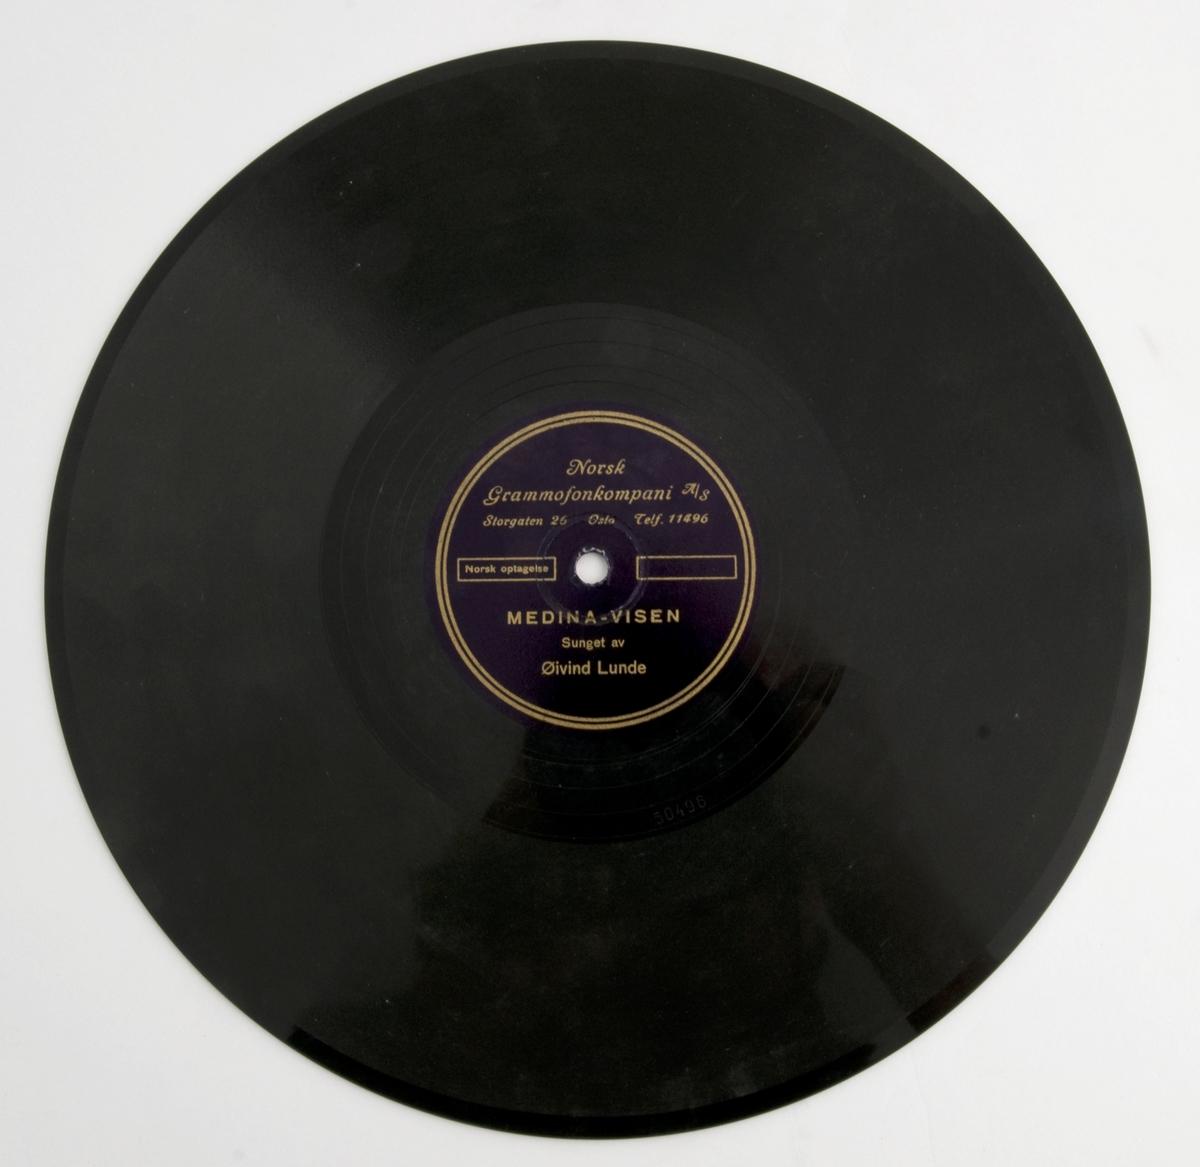 Reklamesang for Medina-sigaretter. Komponist og tekstforfatter er ukjent. Sangeren vi kan høre på innspillingen er Øivind Lunde og sangen ble spilt inn hos Norsk Grammofonkompani A/S, Storgata 26, Oslo. Trolig er den produsert i 1935.